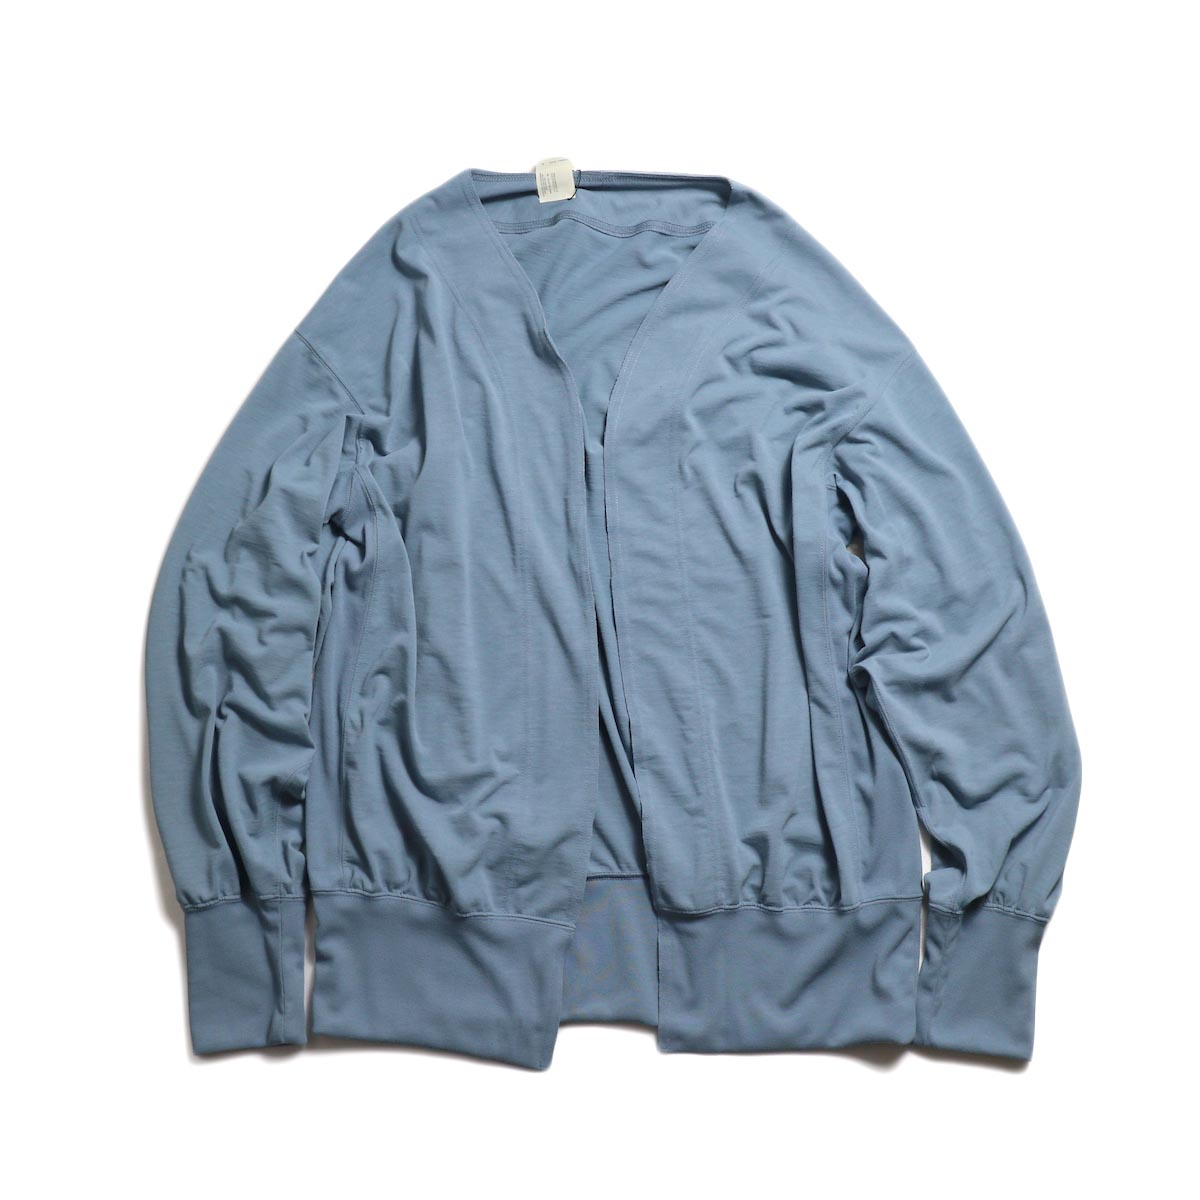 N.HOOLYWOOD / 191-CS10-044-pieces Cardigan (Blue)